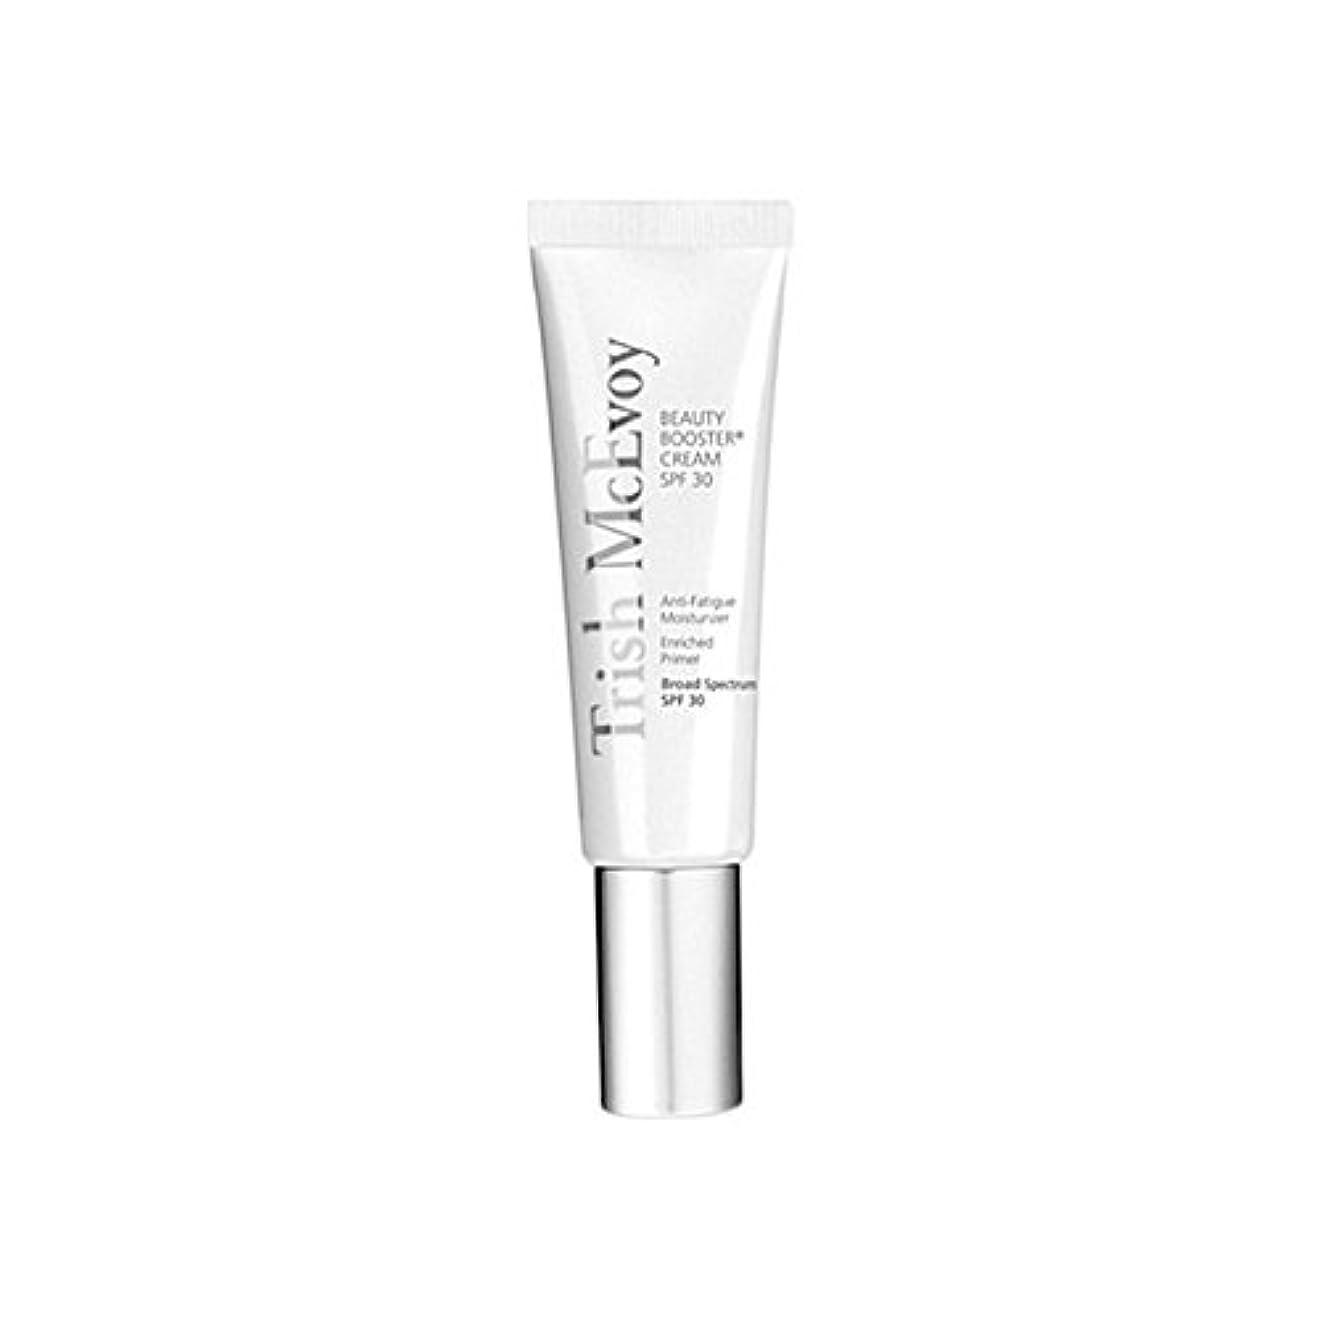 抑制過敏な感嘆Trish Mcevoy Beauty Booster Cream Spf 30 55ml (Pack of 6) - トリッシュ・マクエボイの美しブースタークリーム 30 55ミリリットル x6 [並行輸入品]